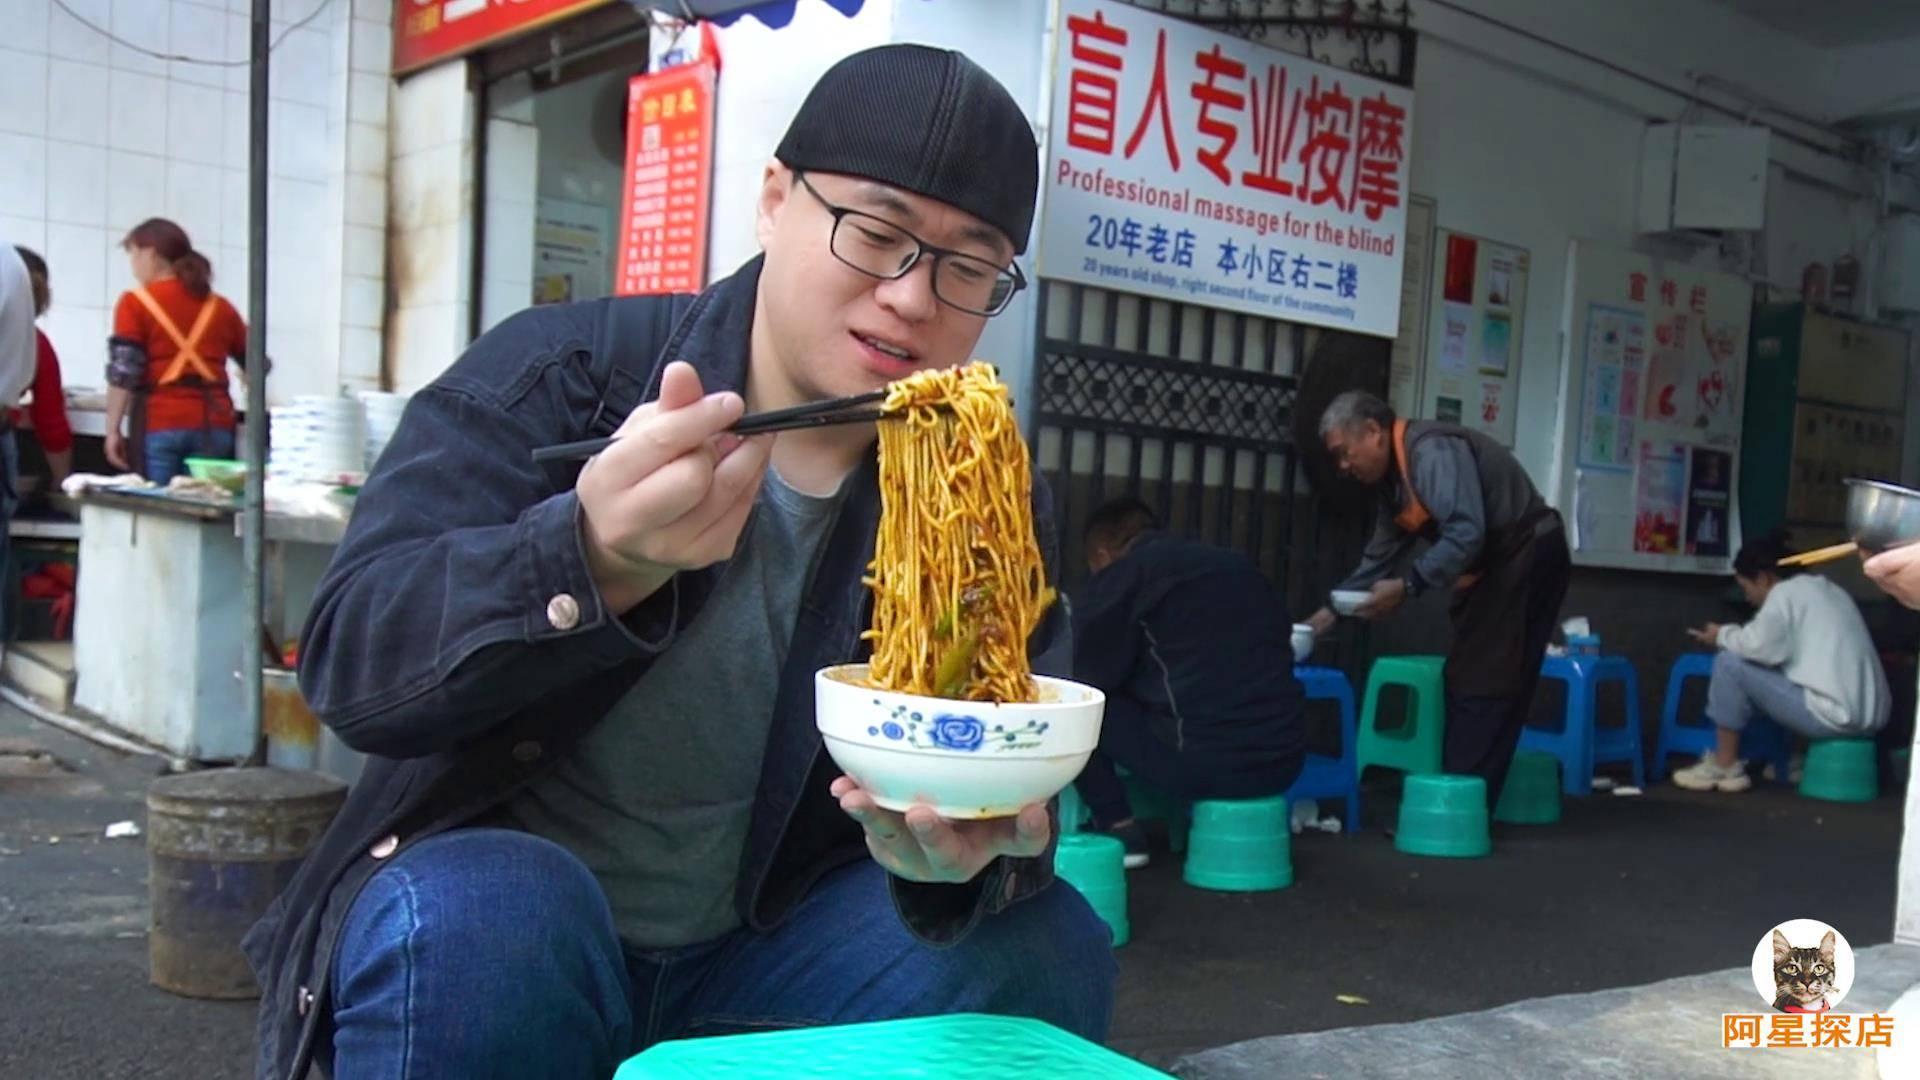 【阿星探店】成都回锅肉拌面,露天大锅煮面,15元酱香肉多,食客中午坐一排